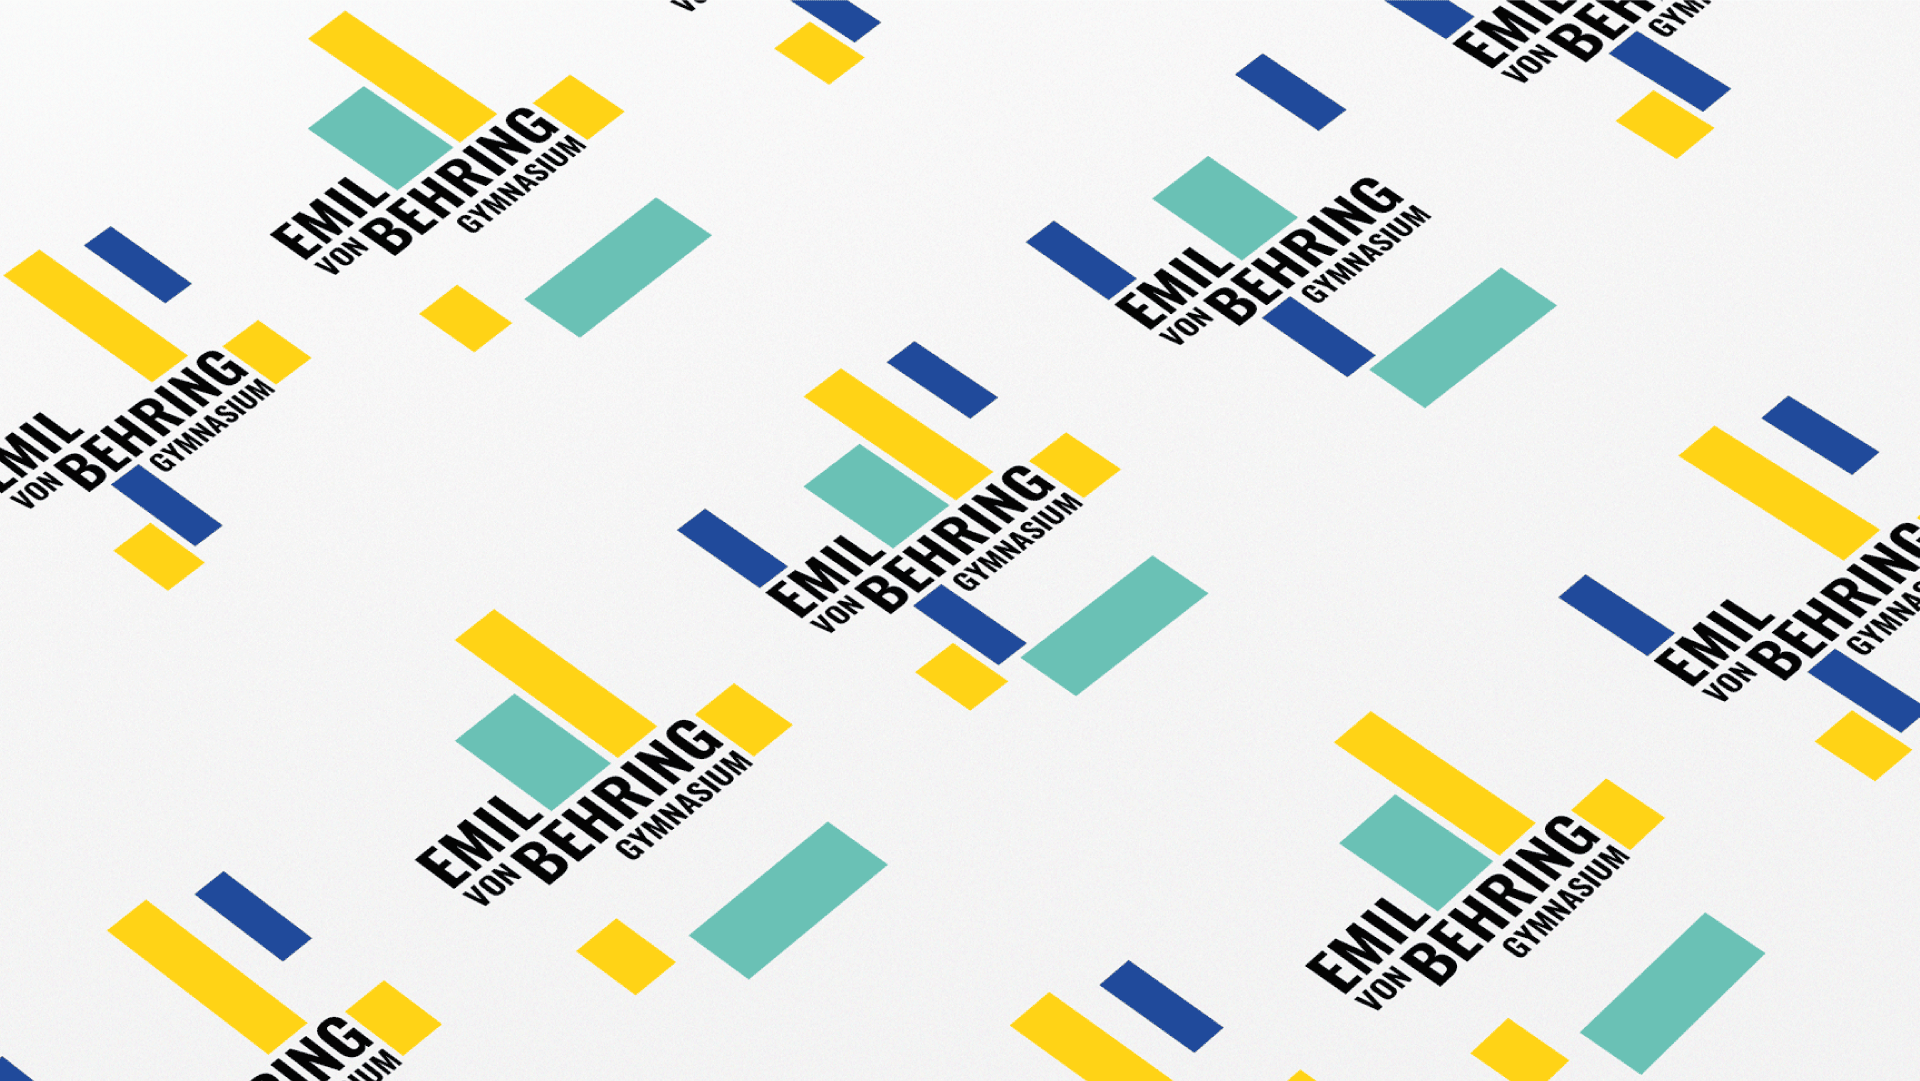 Emil-von-Behring Gynmasium Logoaufbau